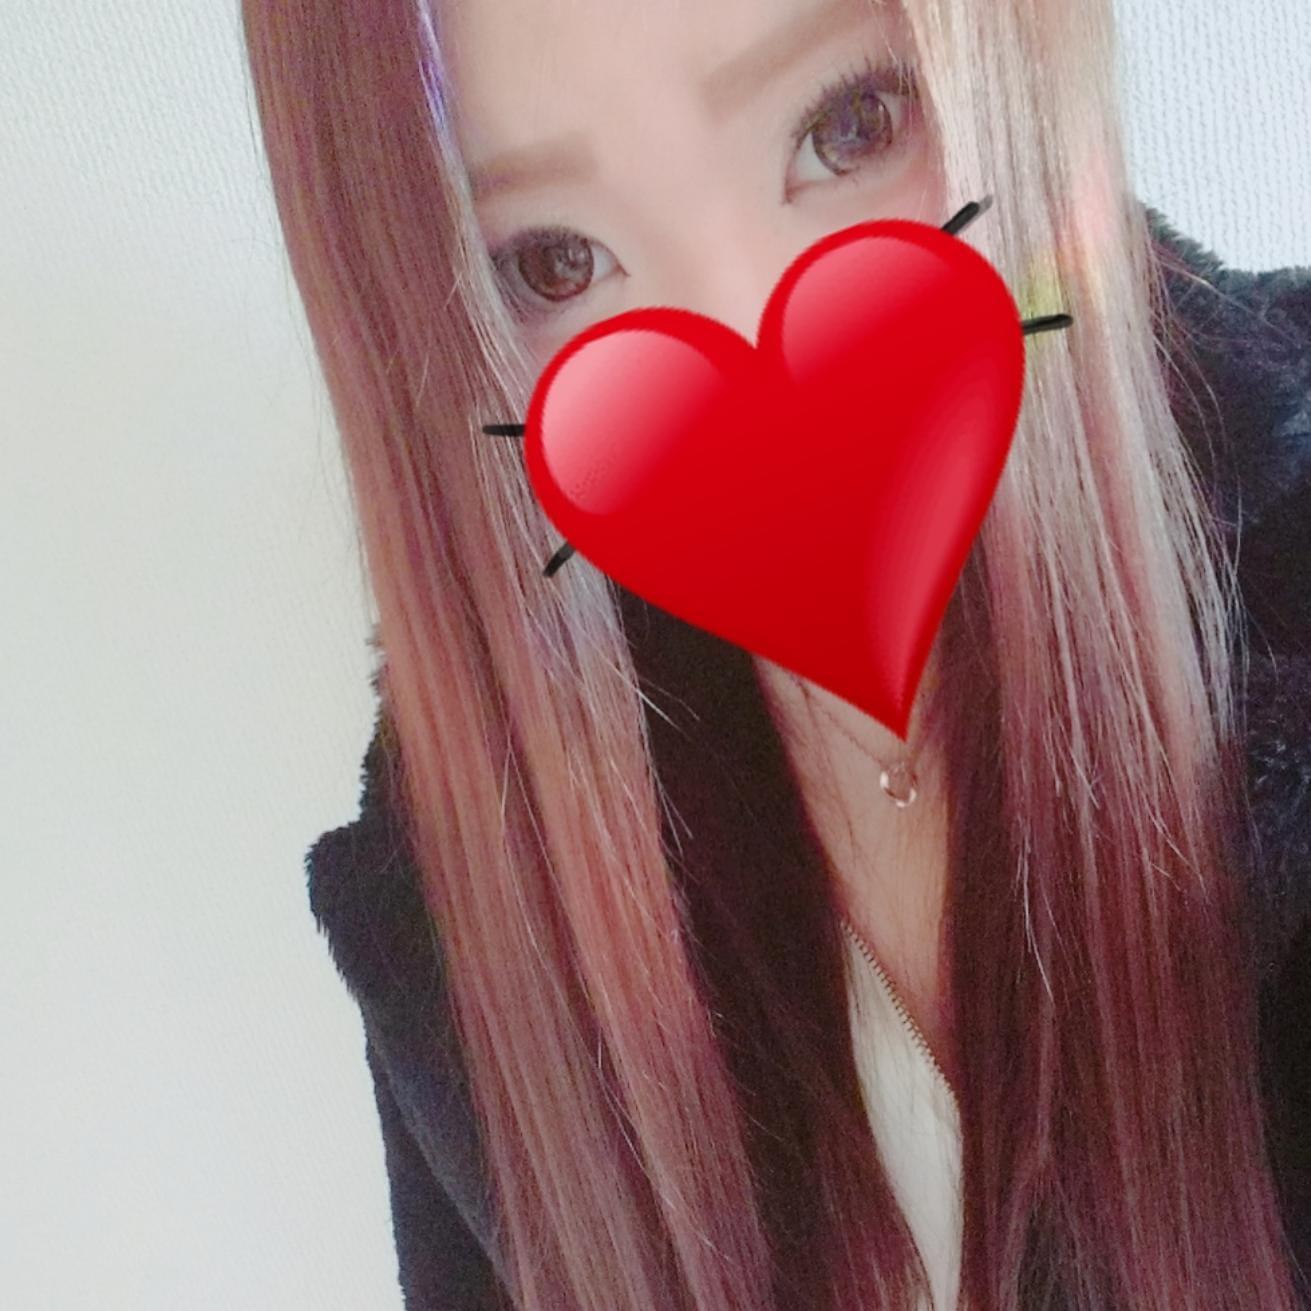 SANA「もう少し☆」10/17(水) 02:12   SANAの写メ・風俗動画